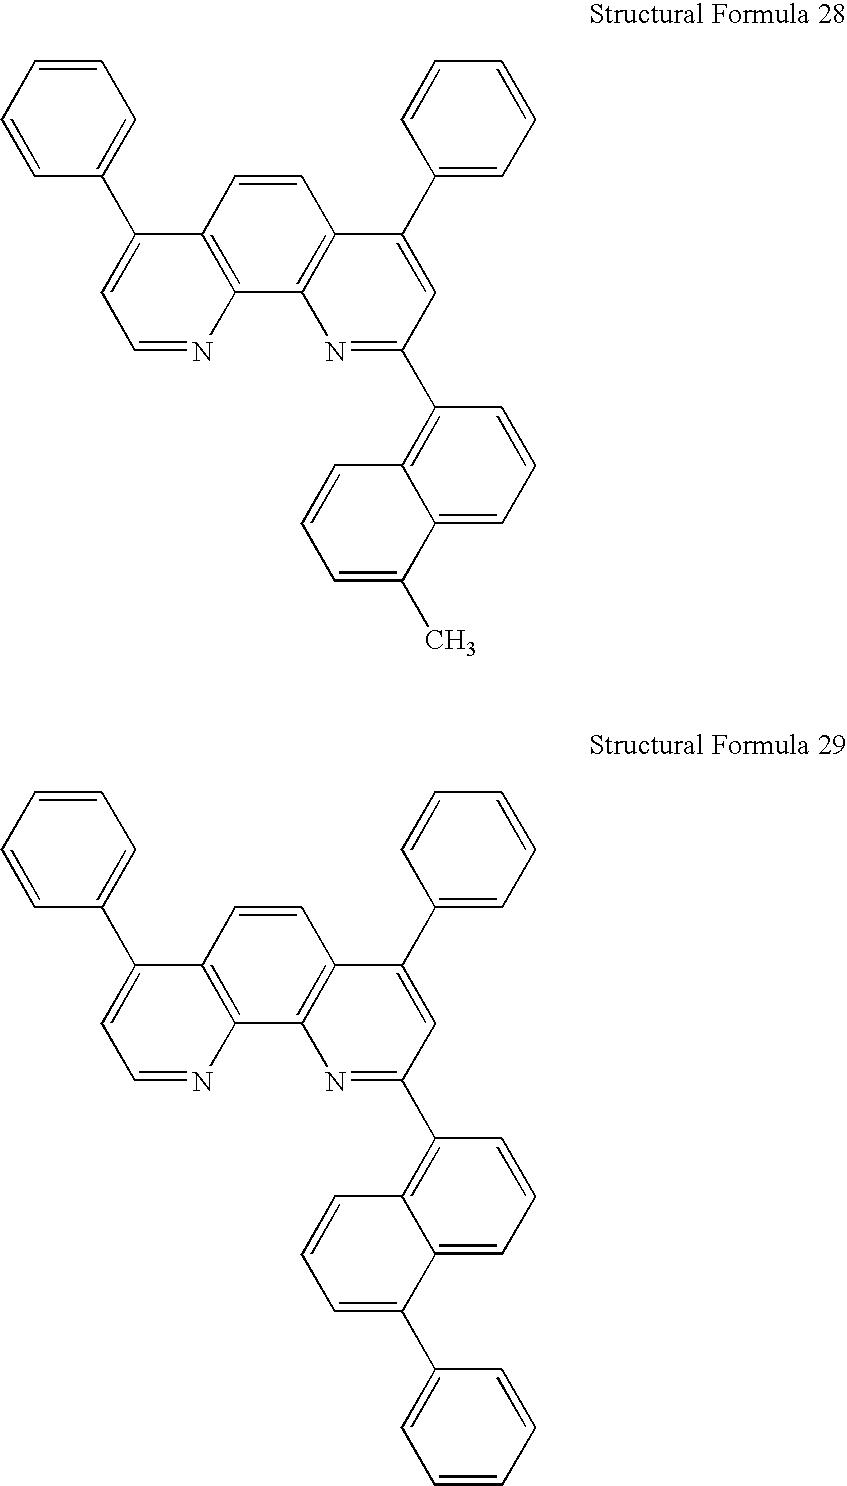 Figure US20070037983A1-20070215-C00015